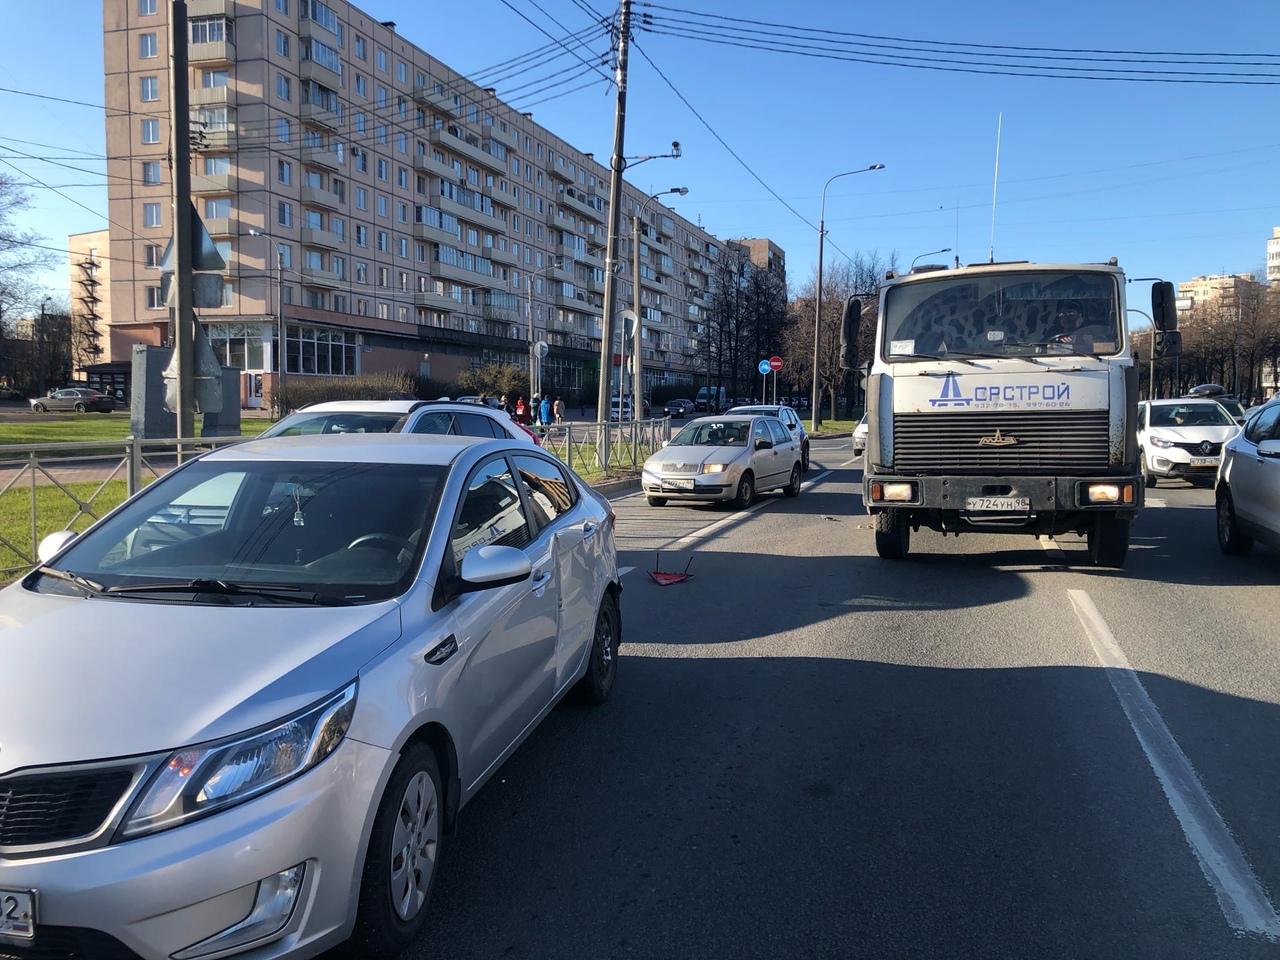 Ищу свидетелей. Сегодня в районе 18:06 на пересечении Пискаревского и Полюстровского в меня въехал ...